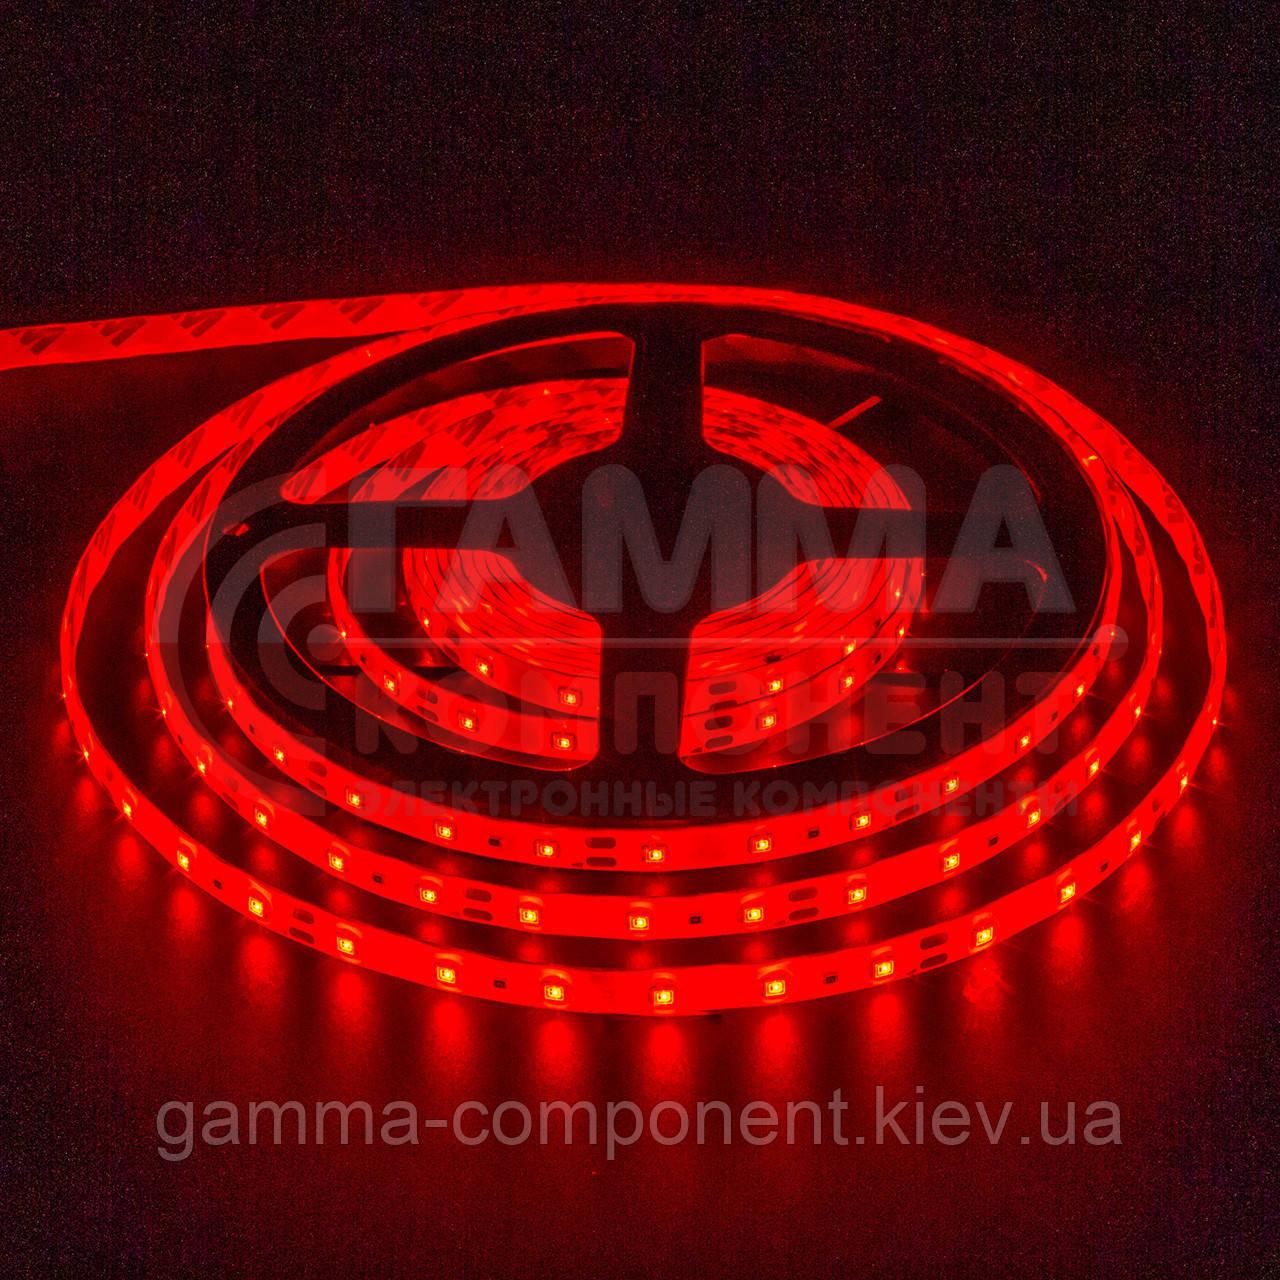 Светодиодная лента SMD 5050 (60 LED/м), красный, IP65, 12В - бобины от 5 метров